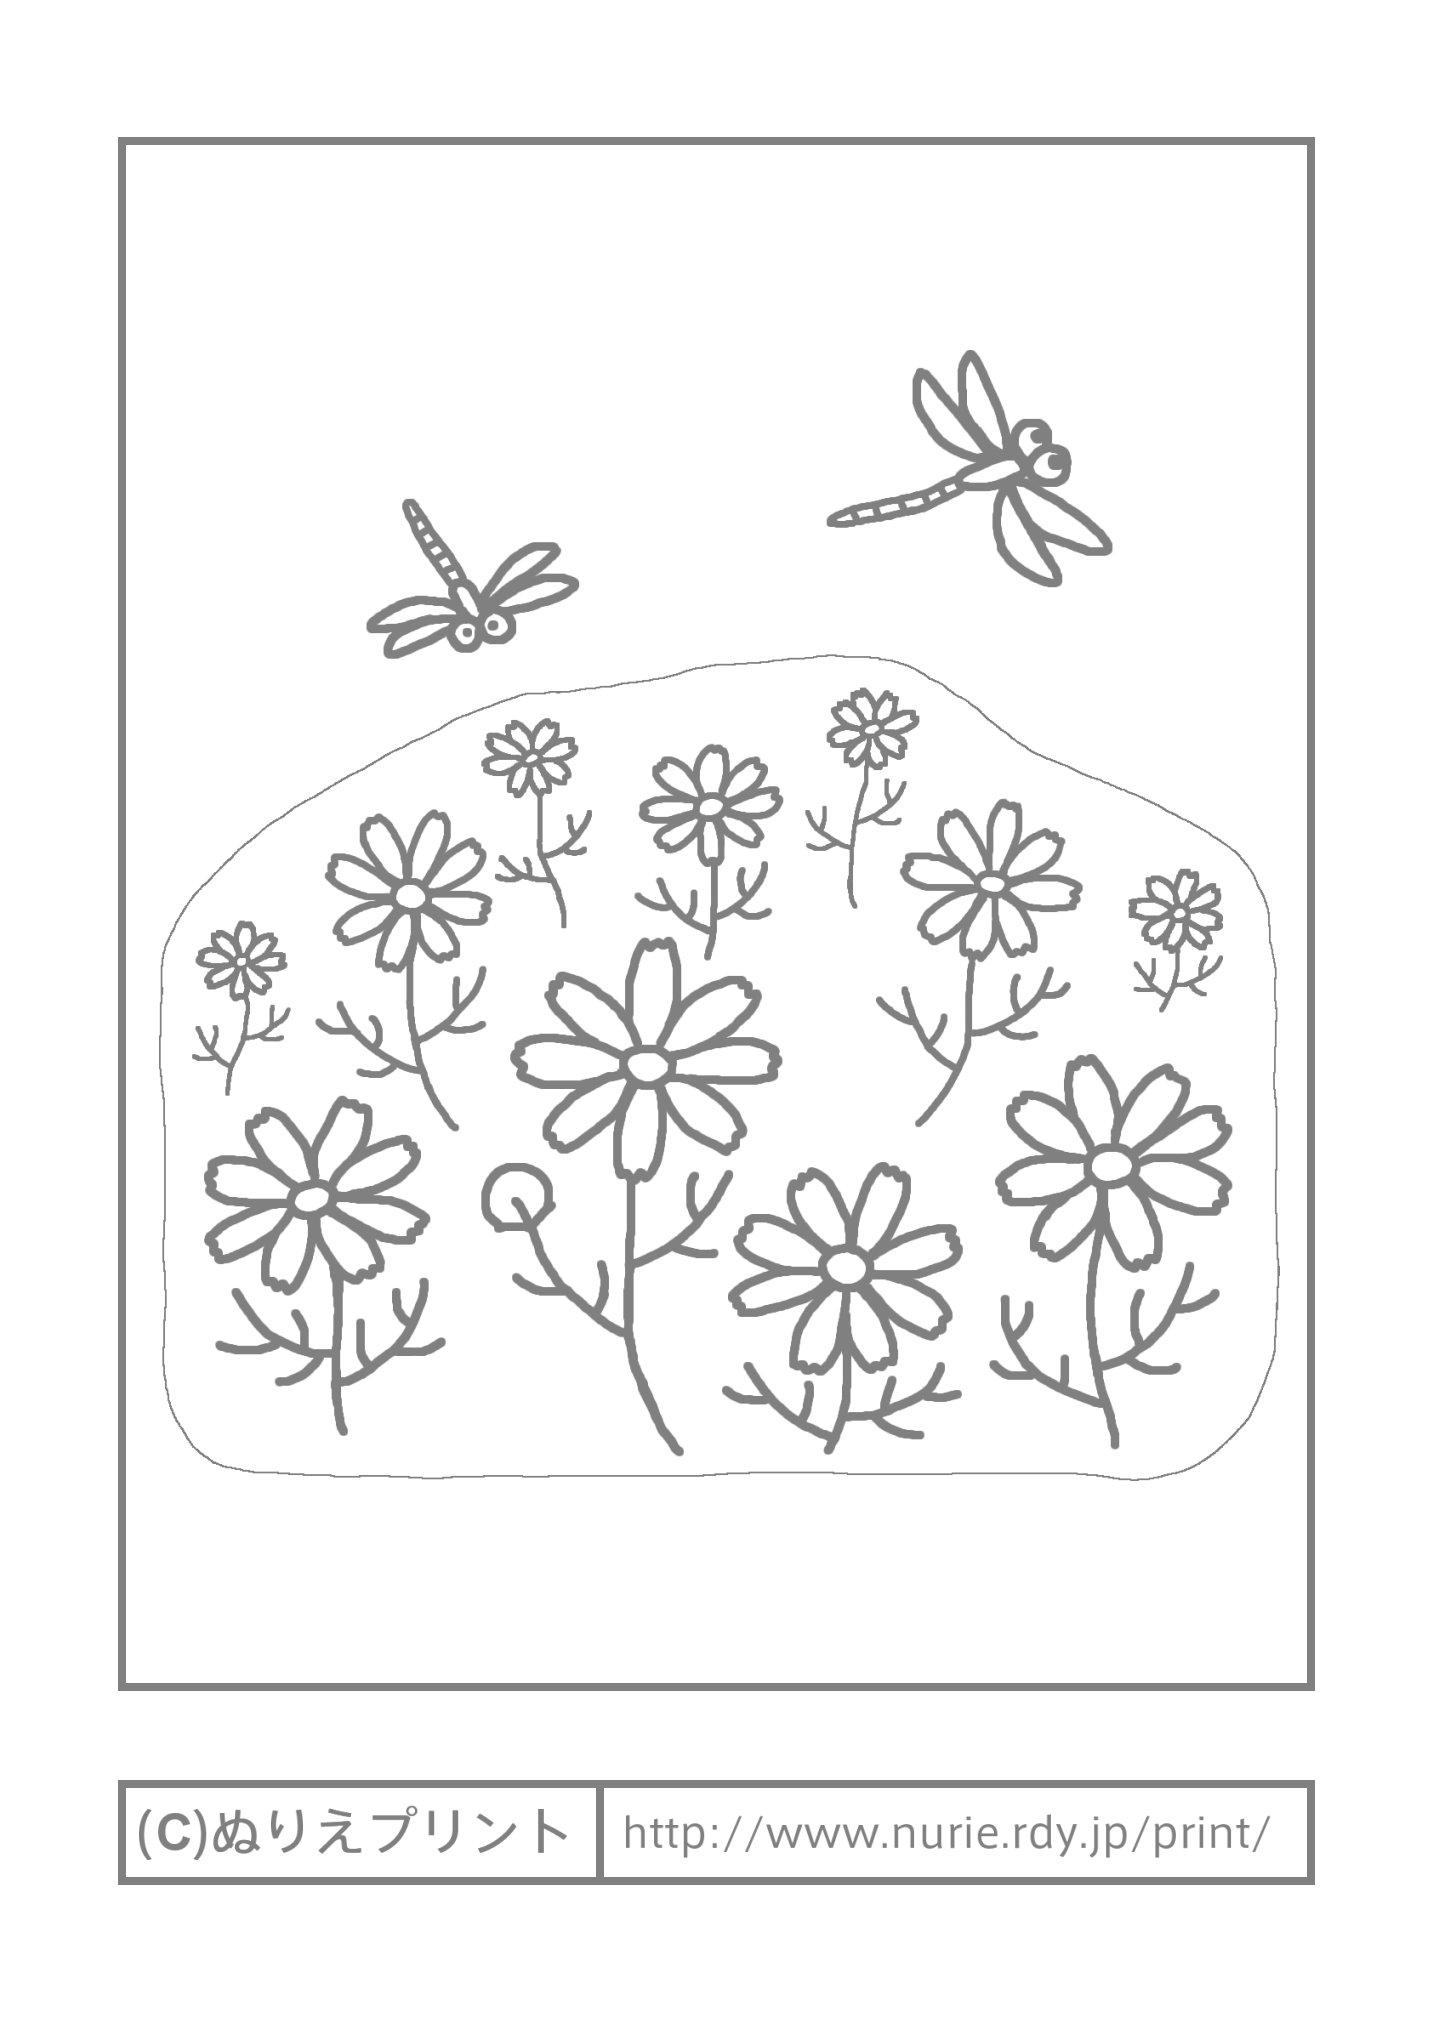 コスモスと赤とんぼ(主線・グレー)/秋の季節・行事/大人の塗り絵【ぬりえプリント】